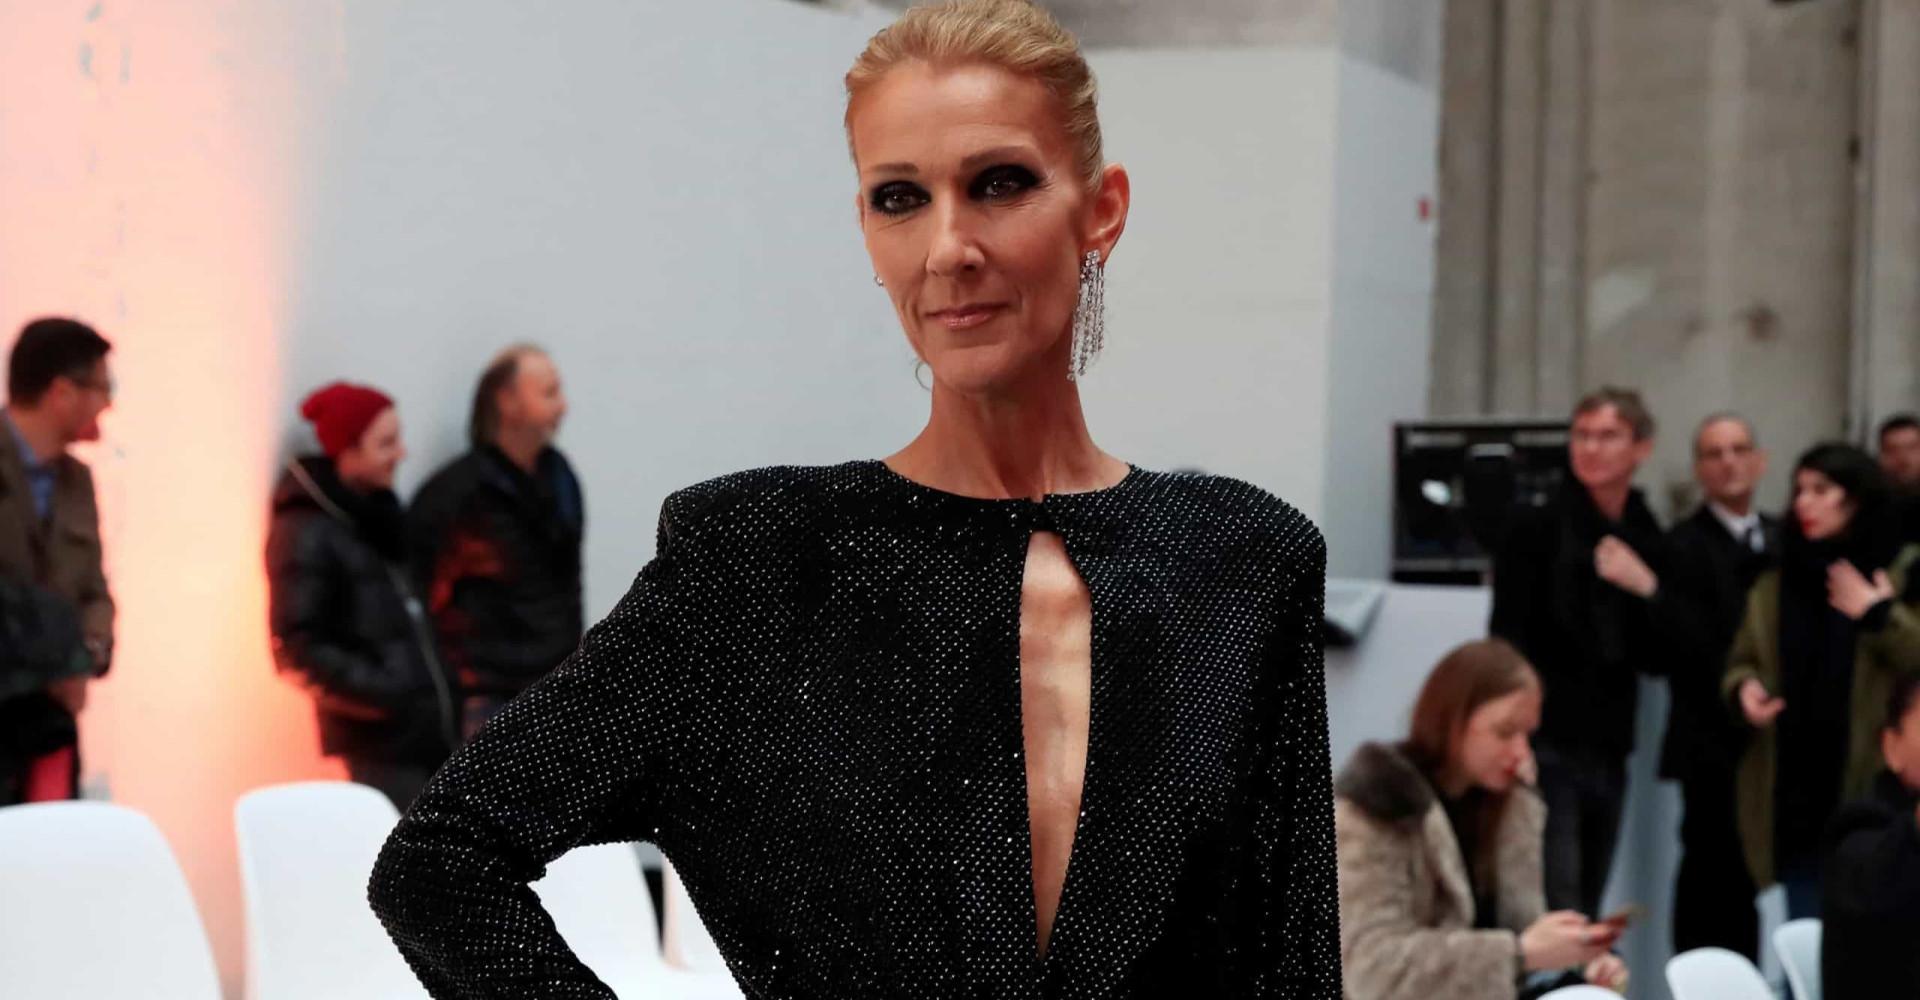 51살이 되는 셀린 디옹의 패션 변천사!